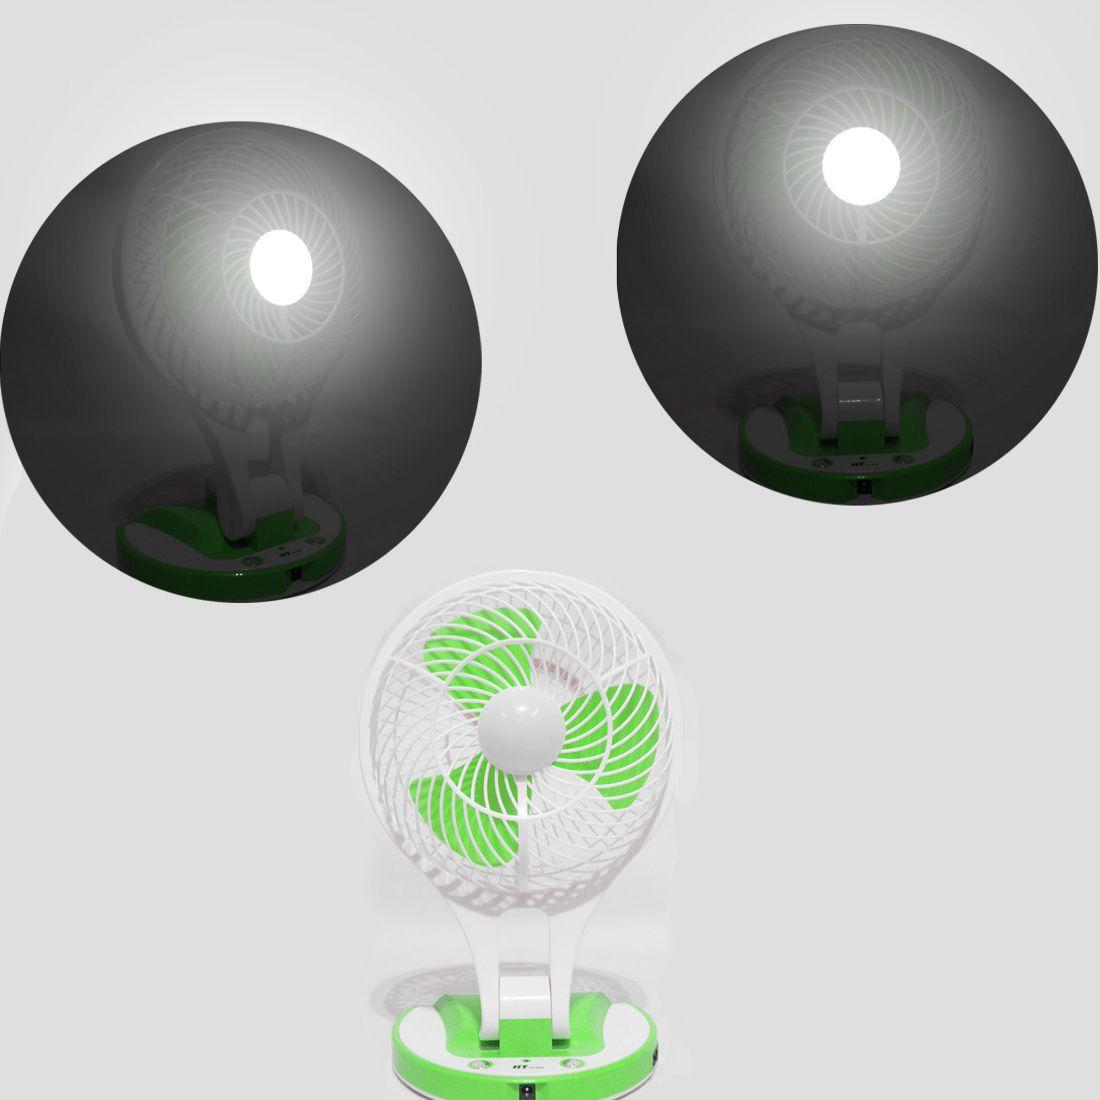 Ventilador Recarregavel Bateria Com 21 Led Luz Portatil Ajustavel Verde